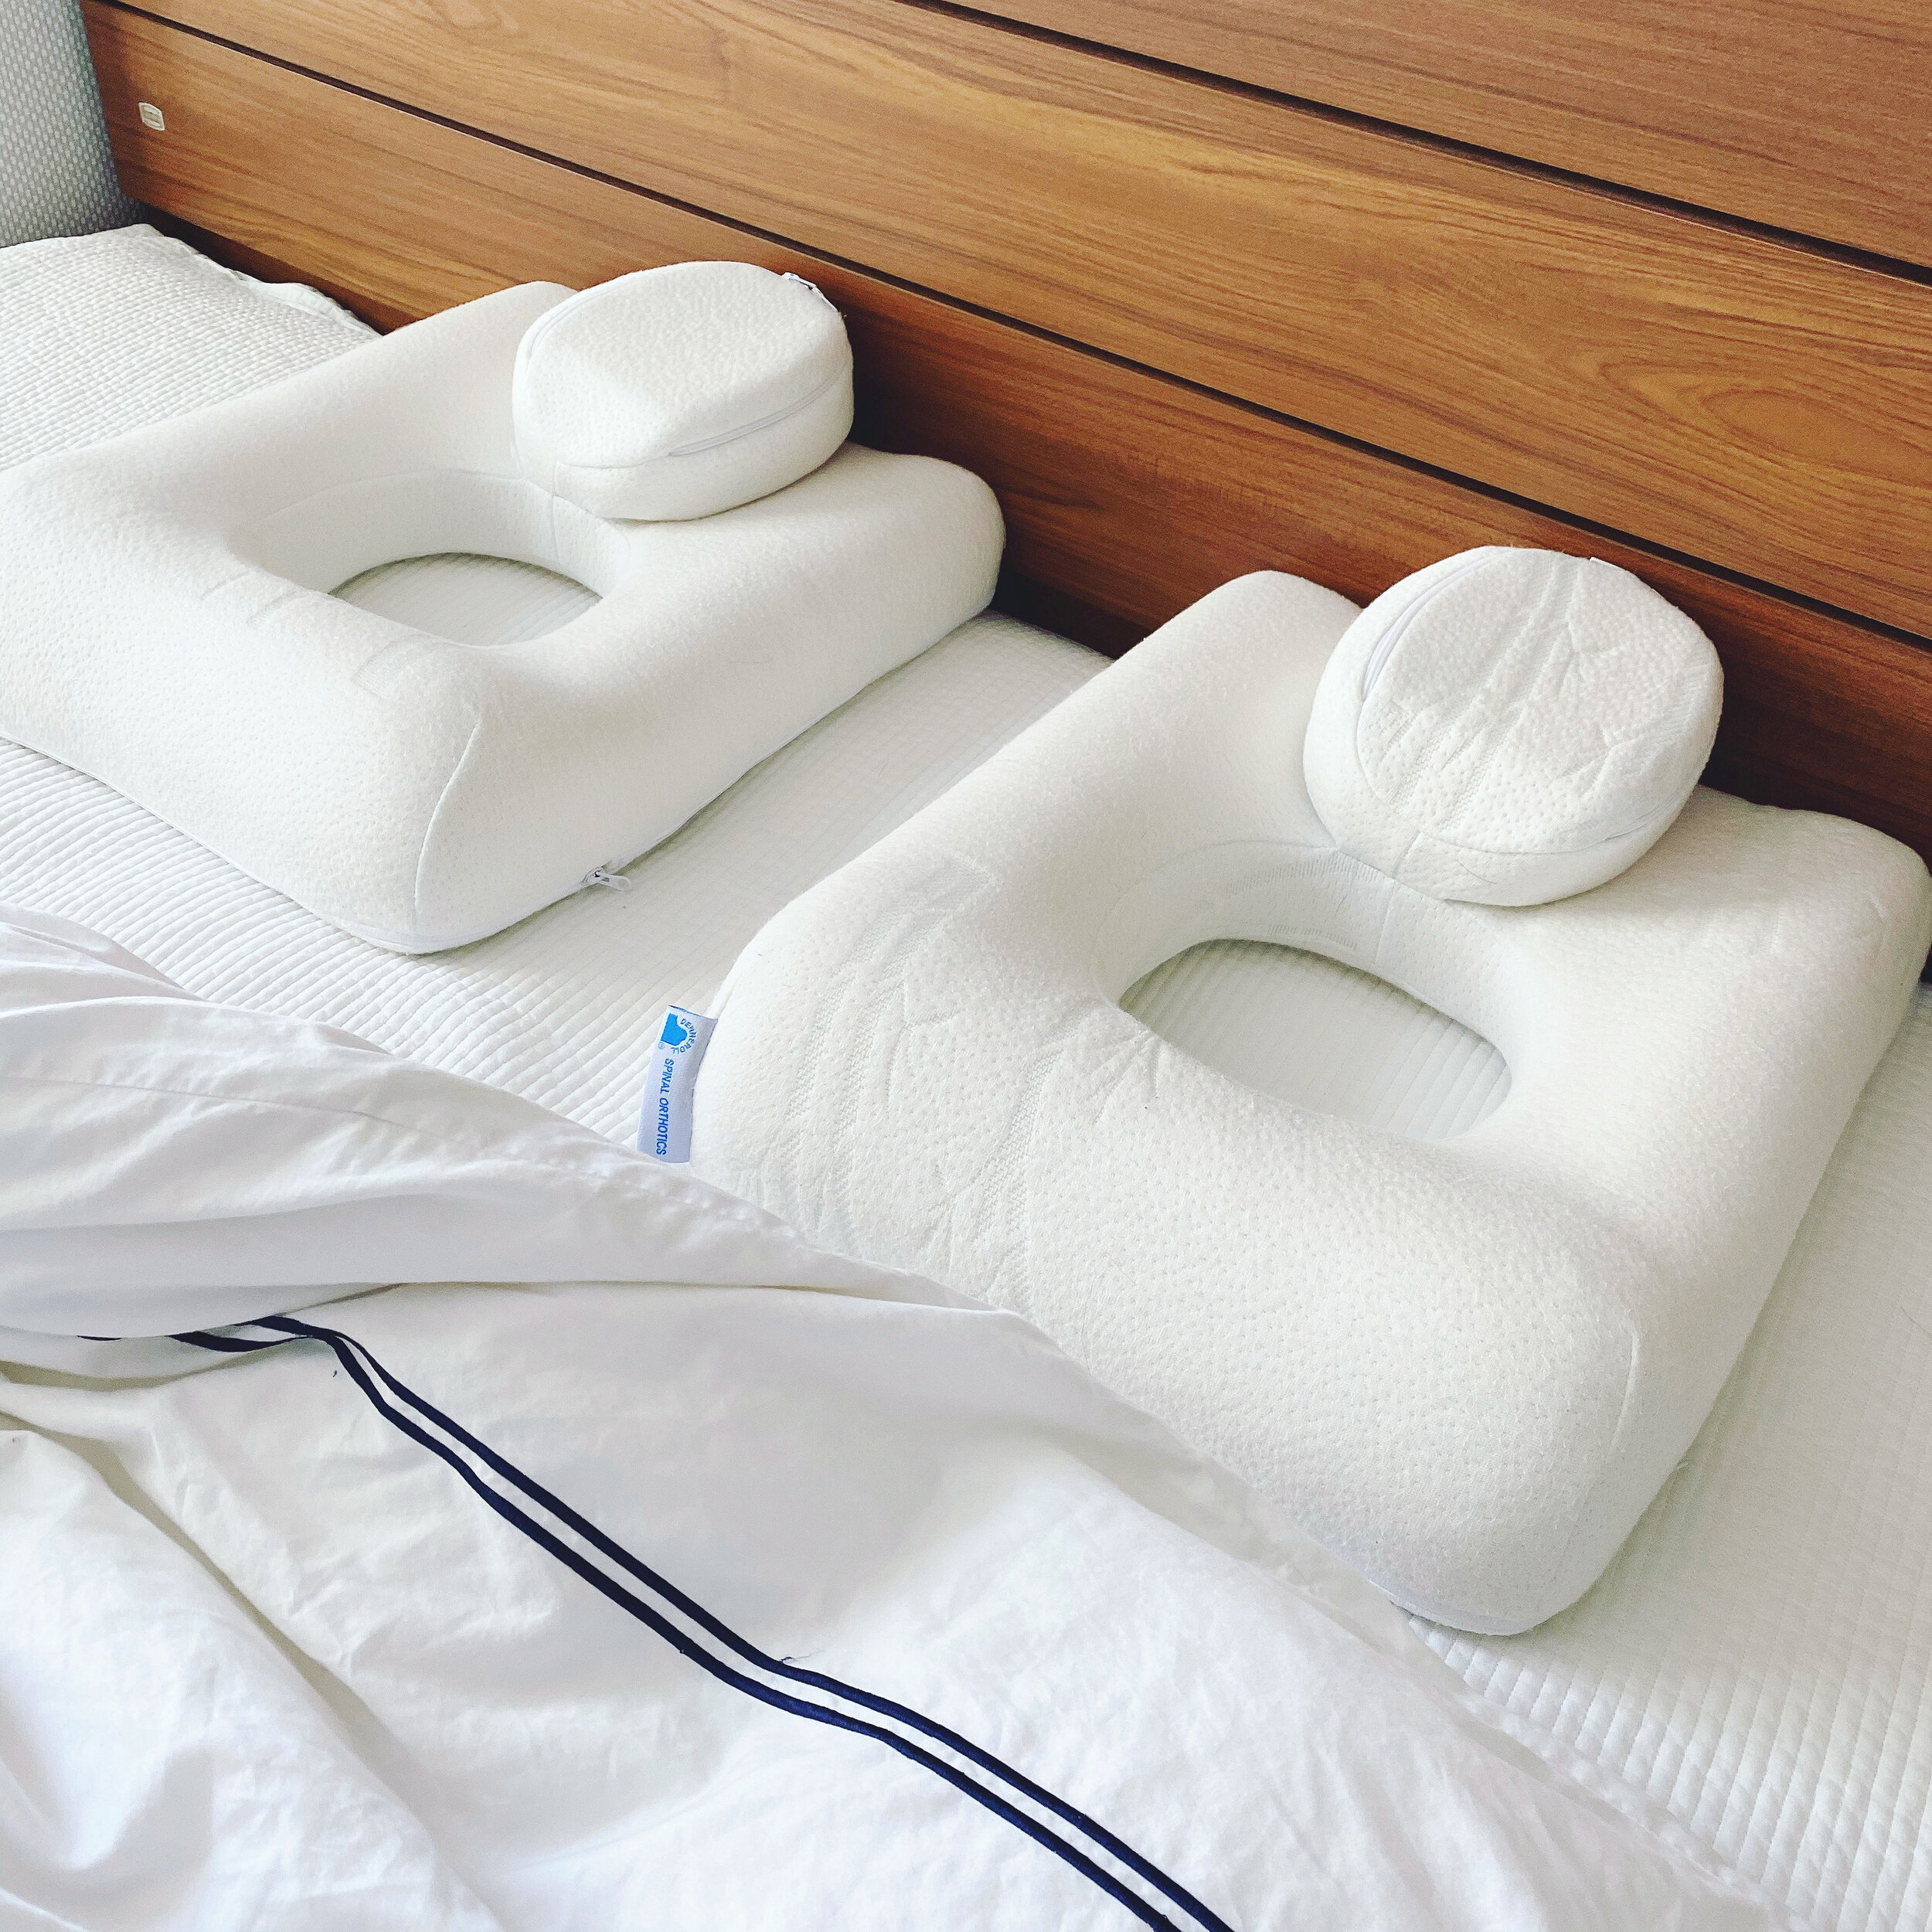 the denneroll pillow kang corrective